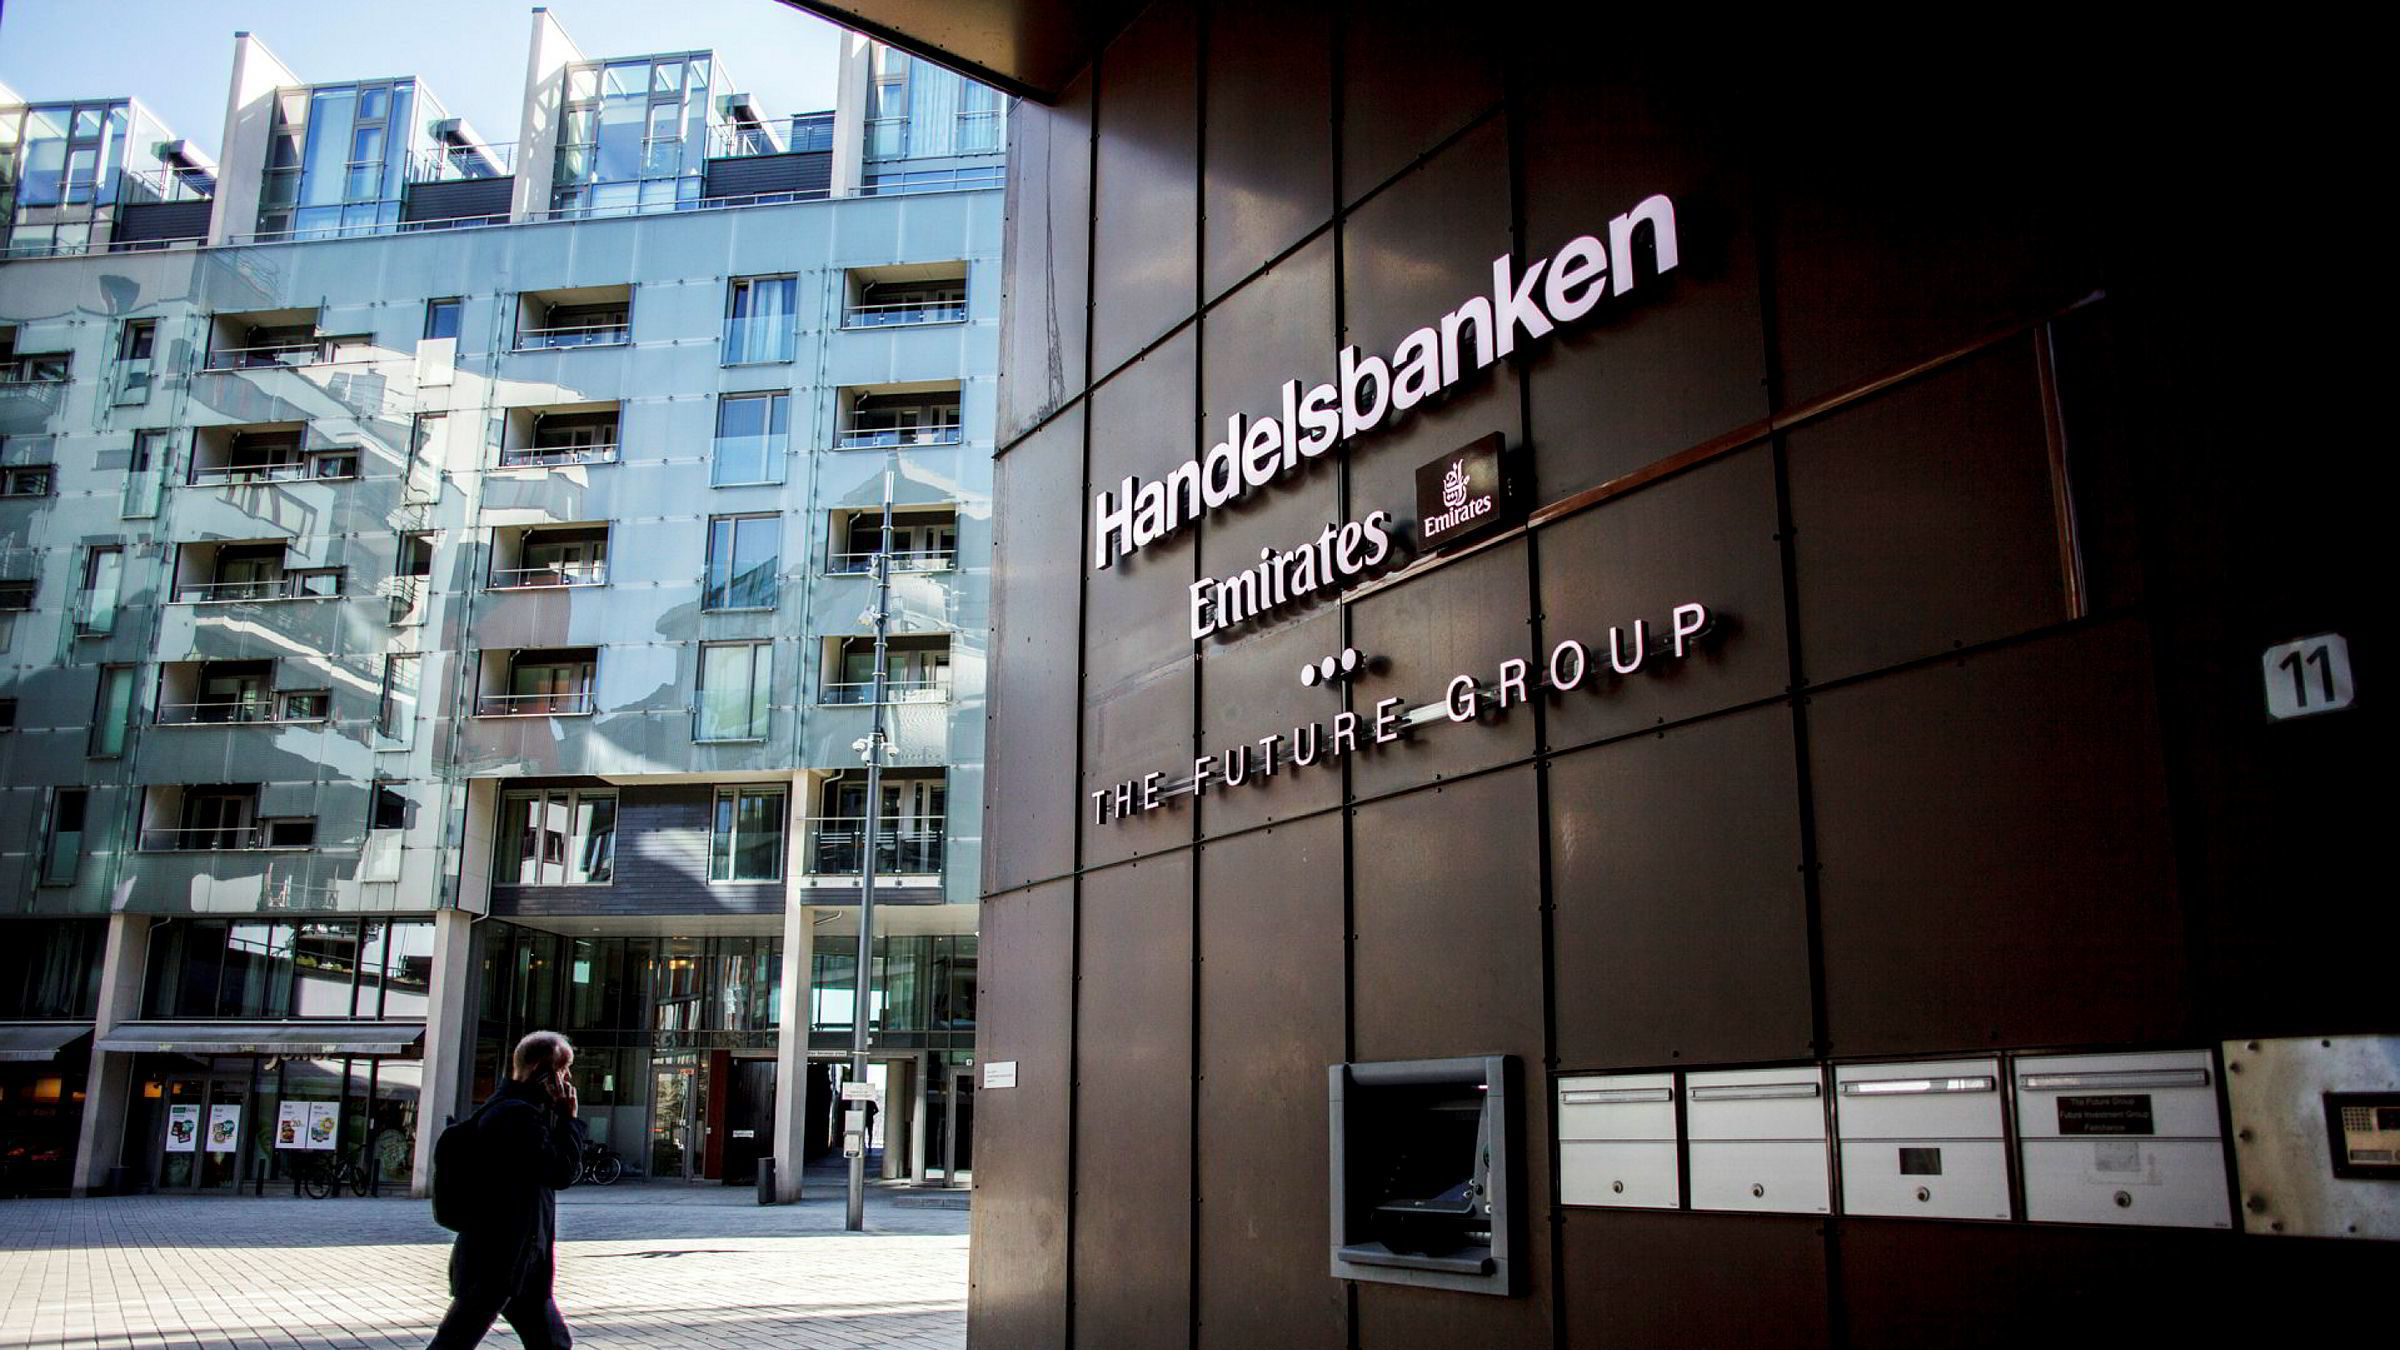 The Future Group har kontorer på Tjuvholmen i Oslo. Selskapet har store finansielle utfordringer og kvitter seg nå med 69 ansatte.